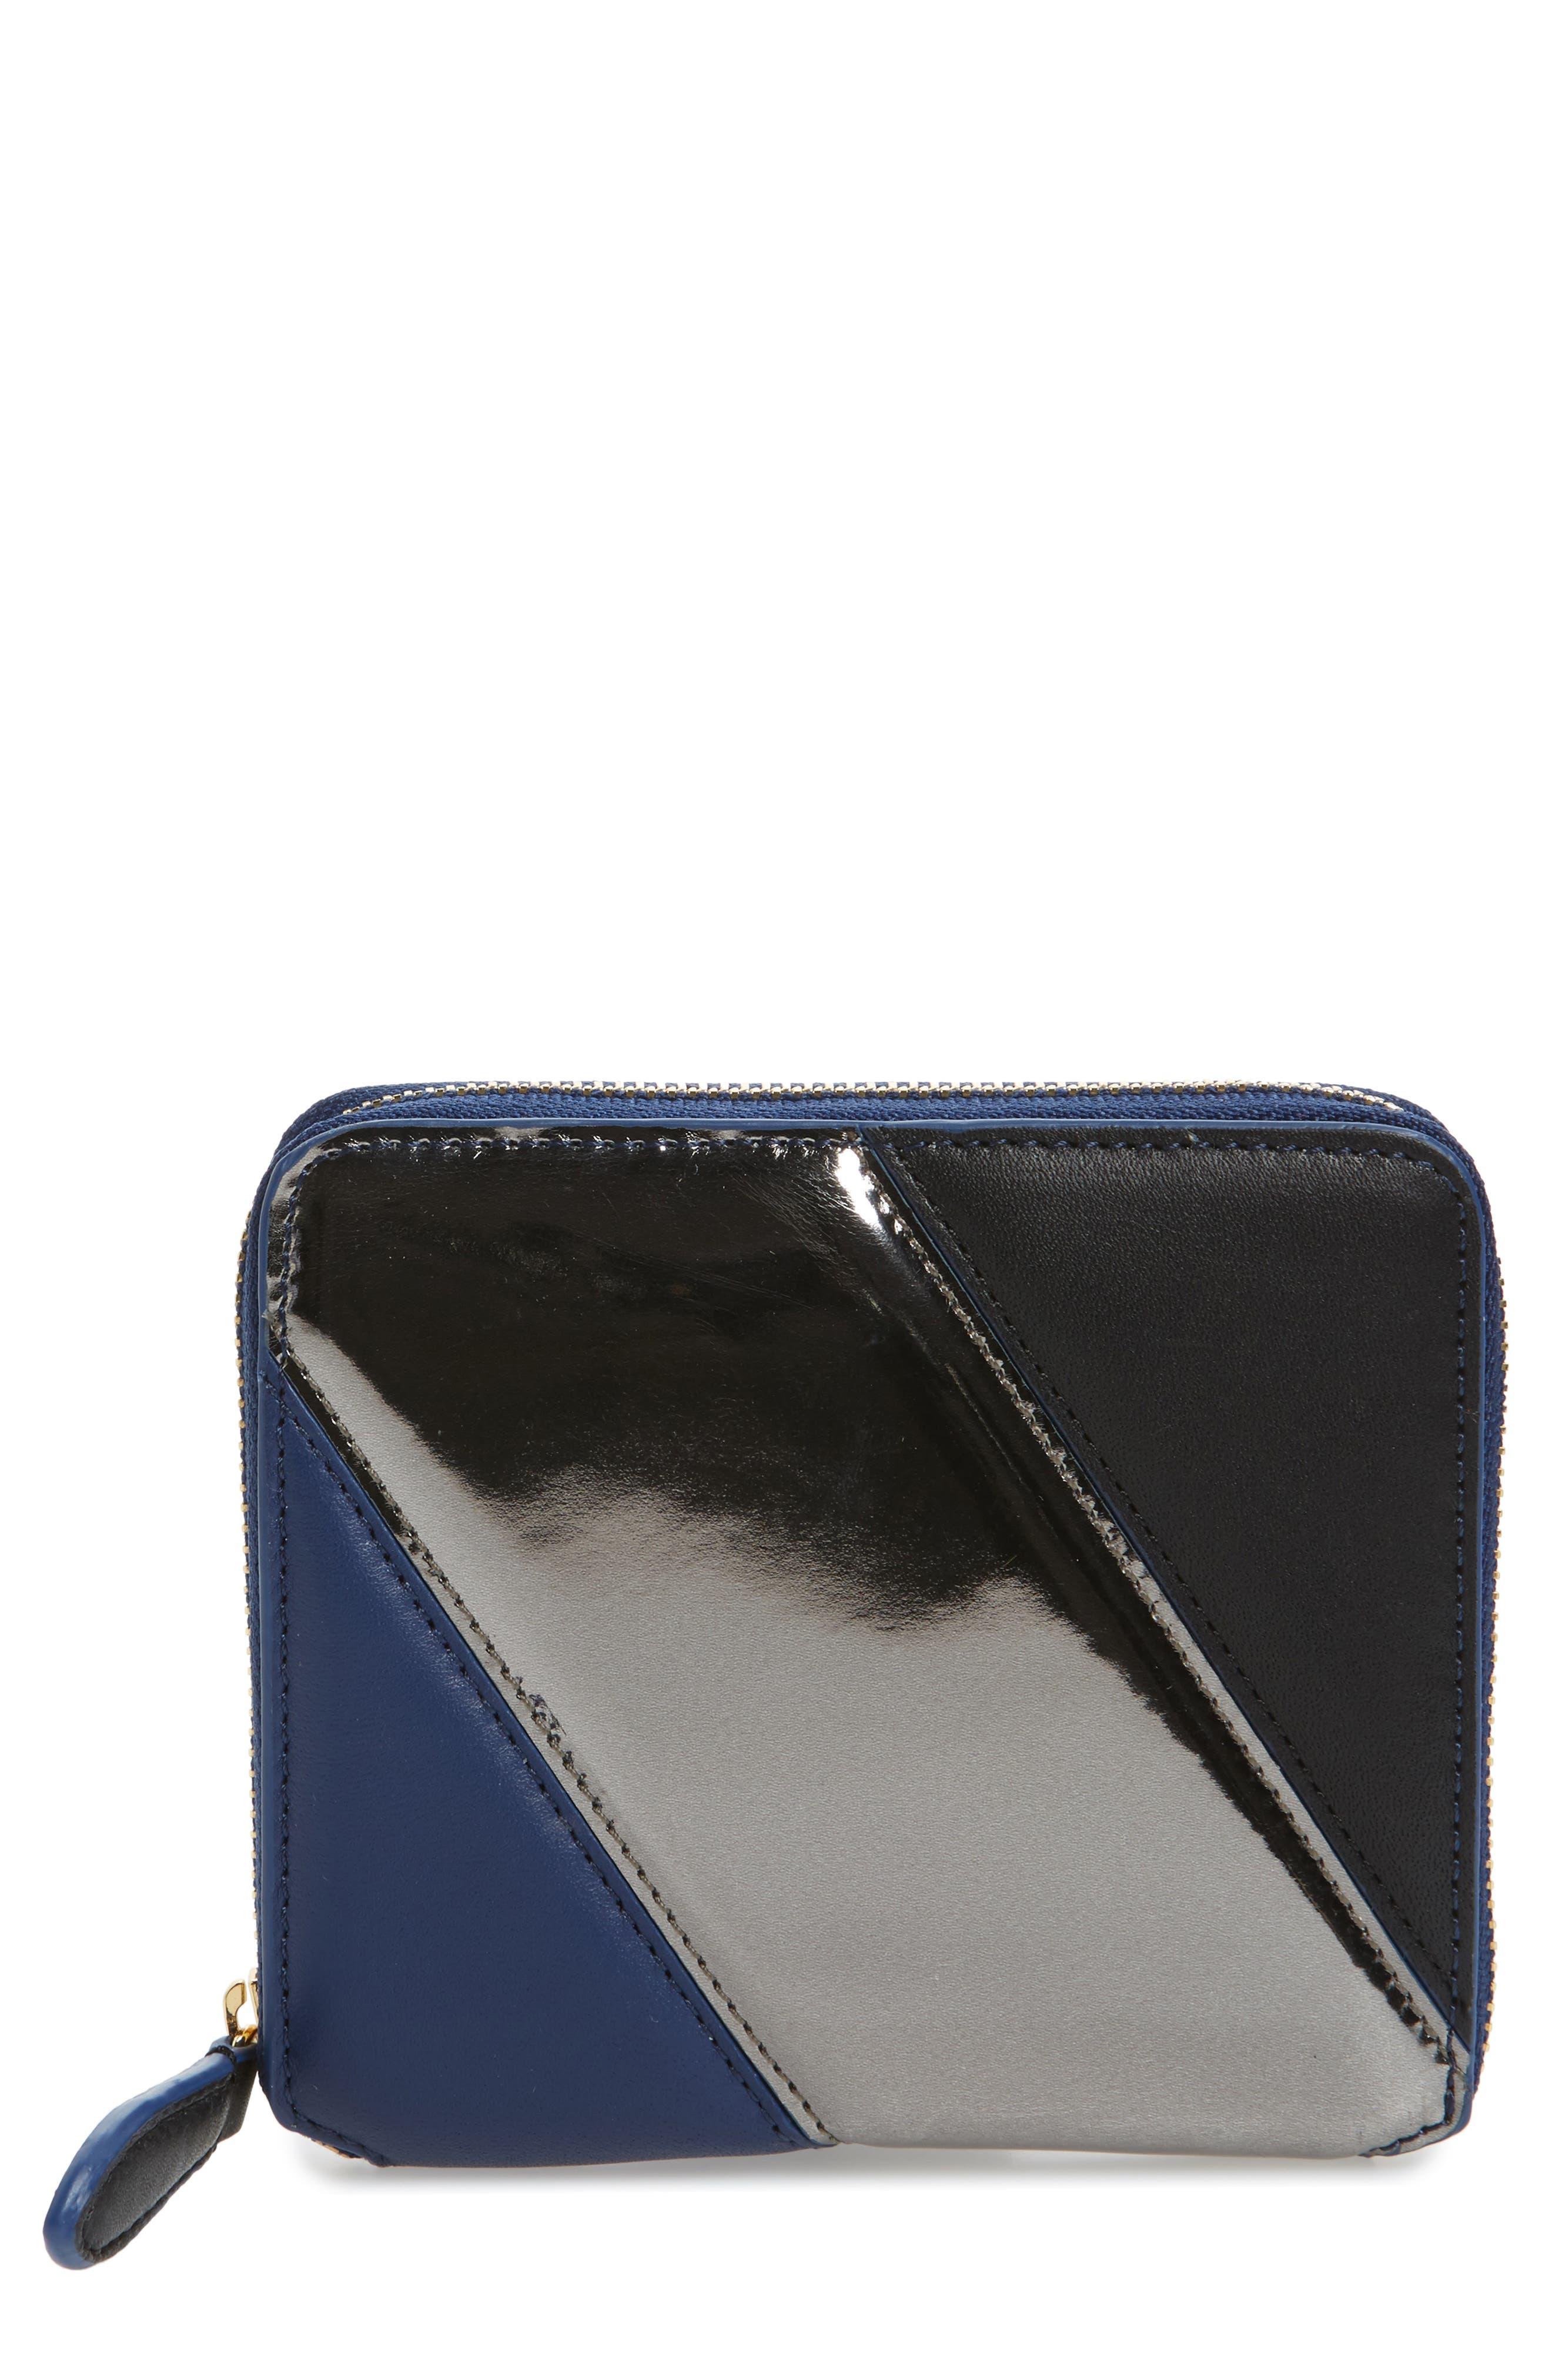 Diane von Furstenberg Small Za Leather Wallet